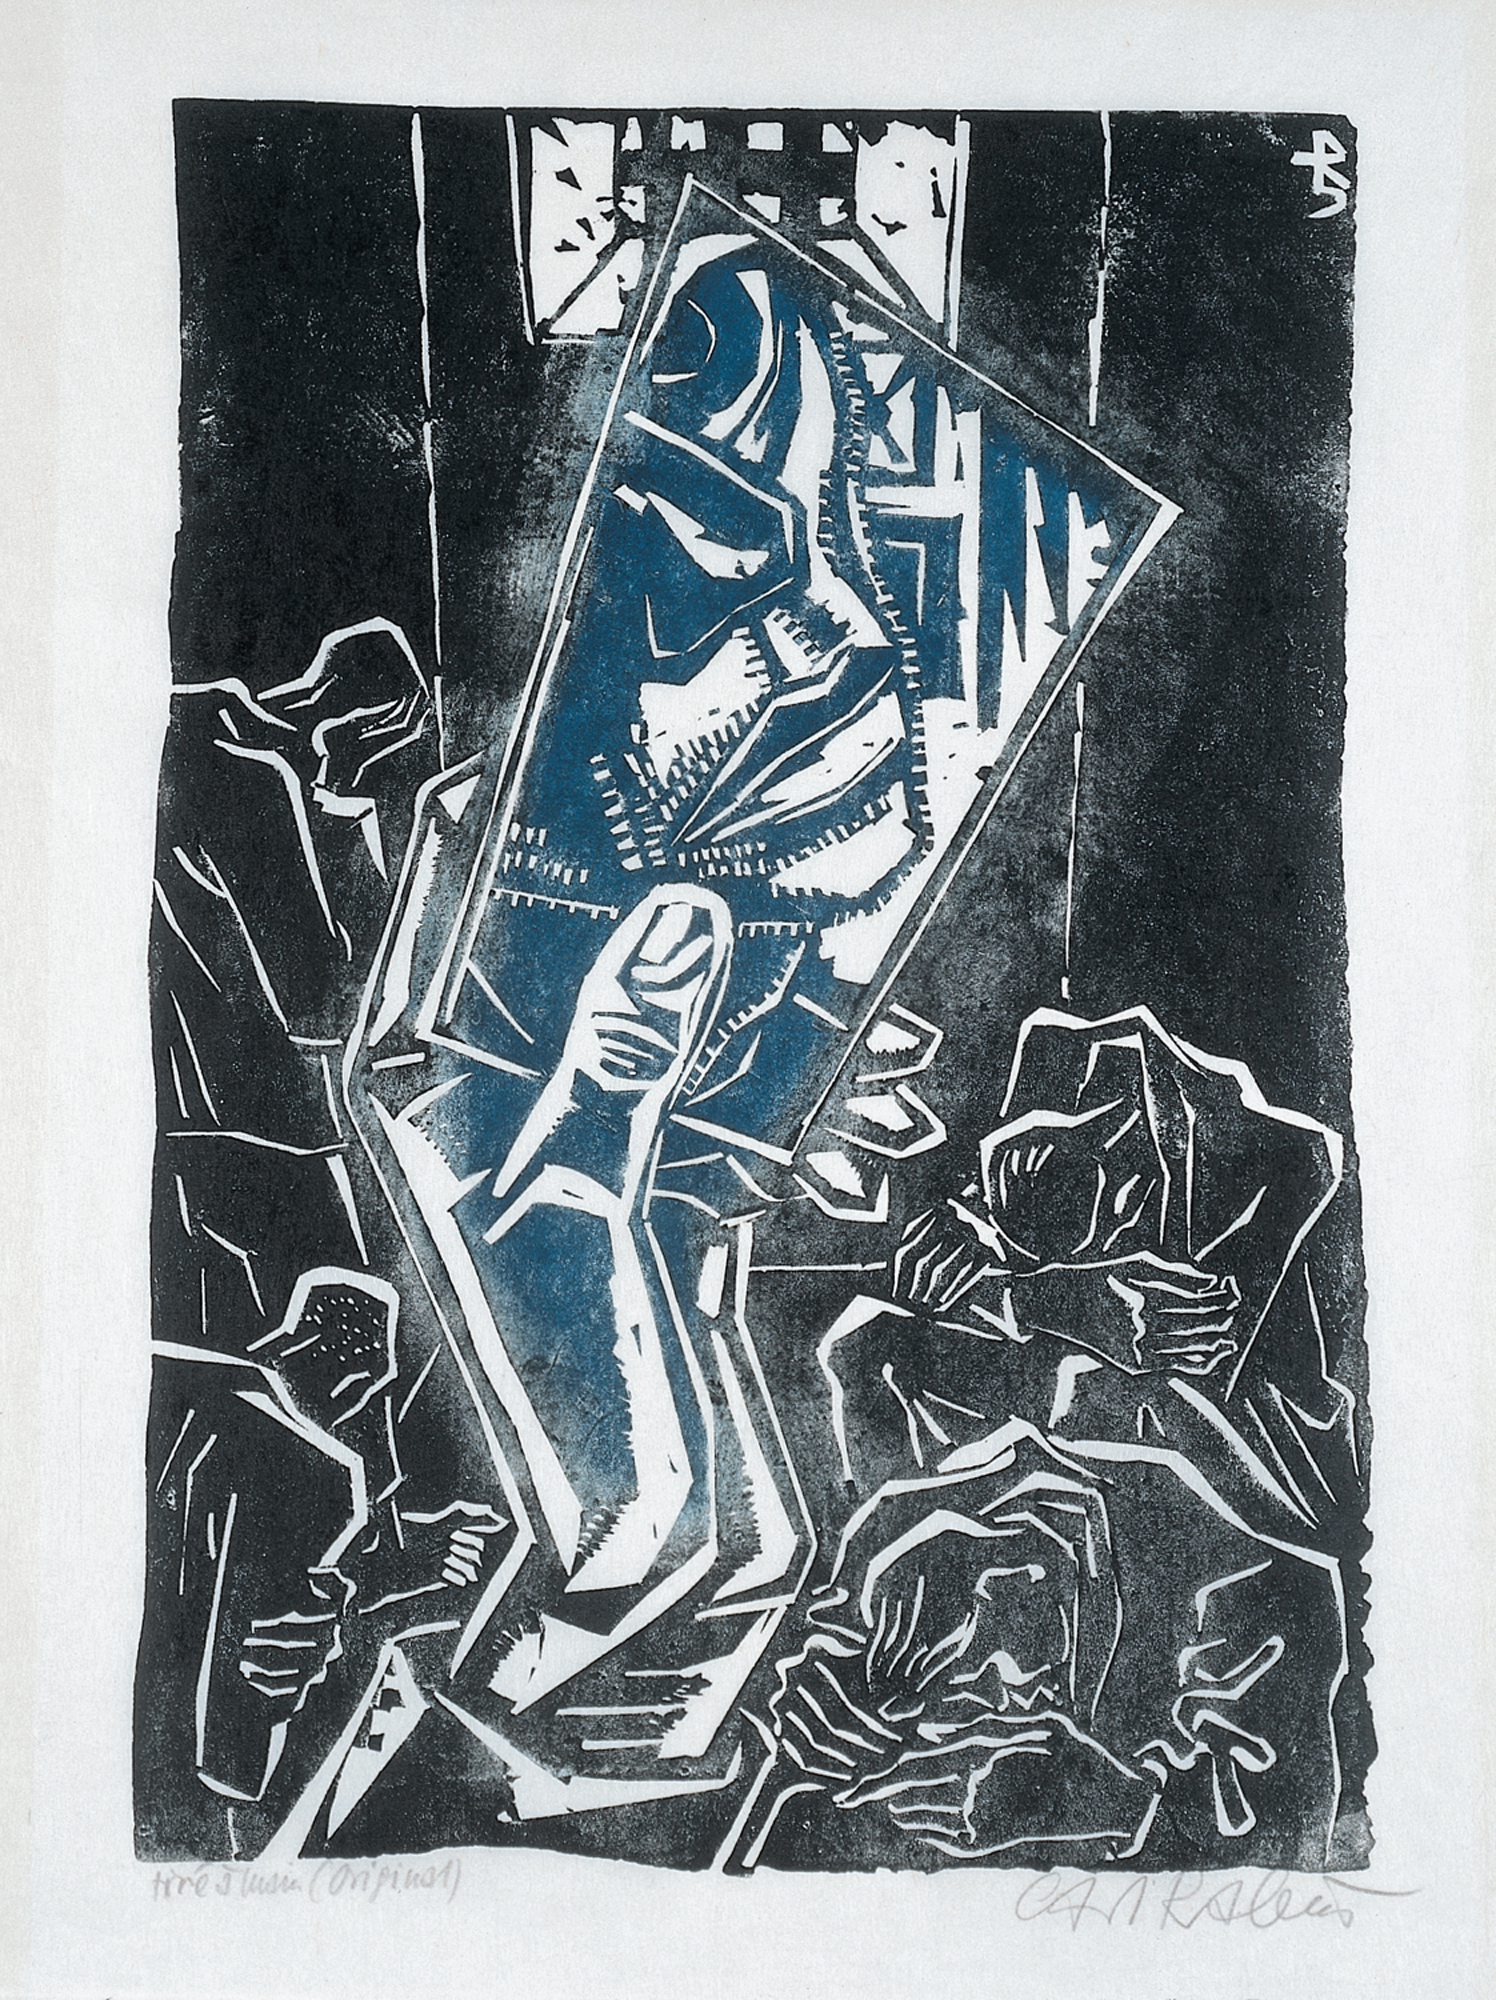 Carl Rabus, Geole (więzienie), linoryt, 1945 (zdjęcie pochodzi z materiałów prasowych)